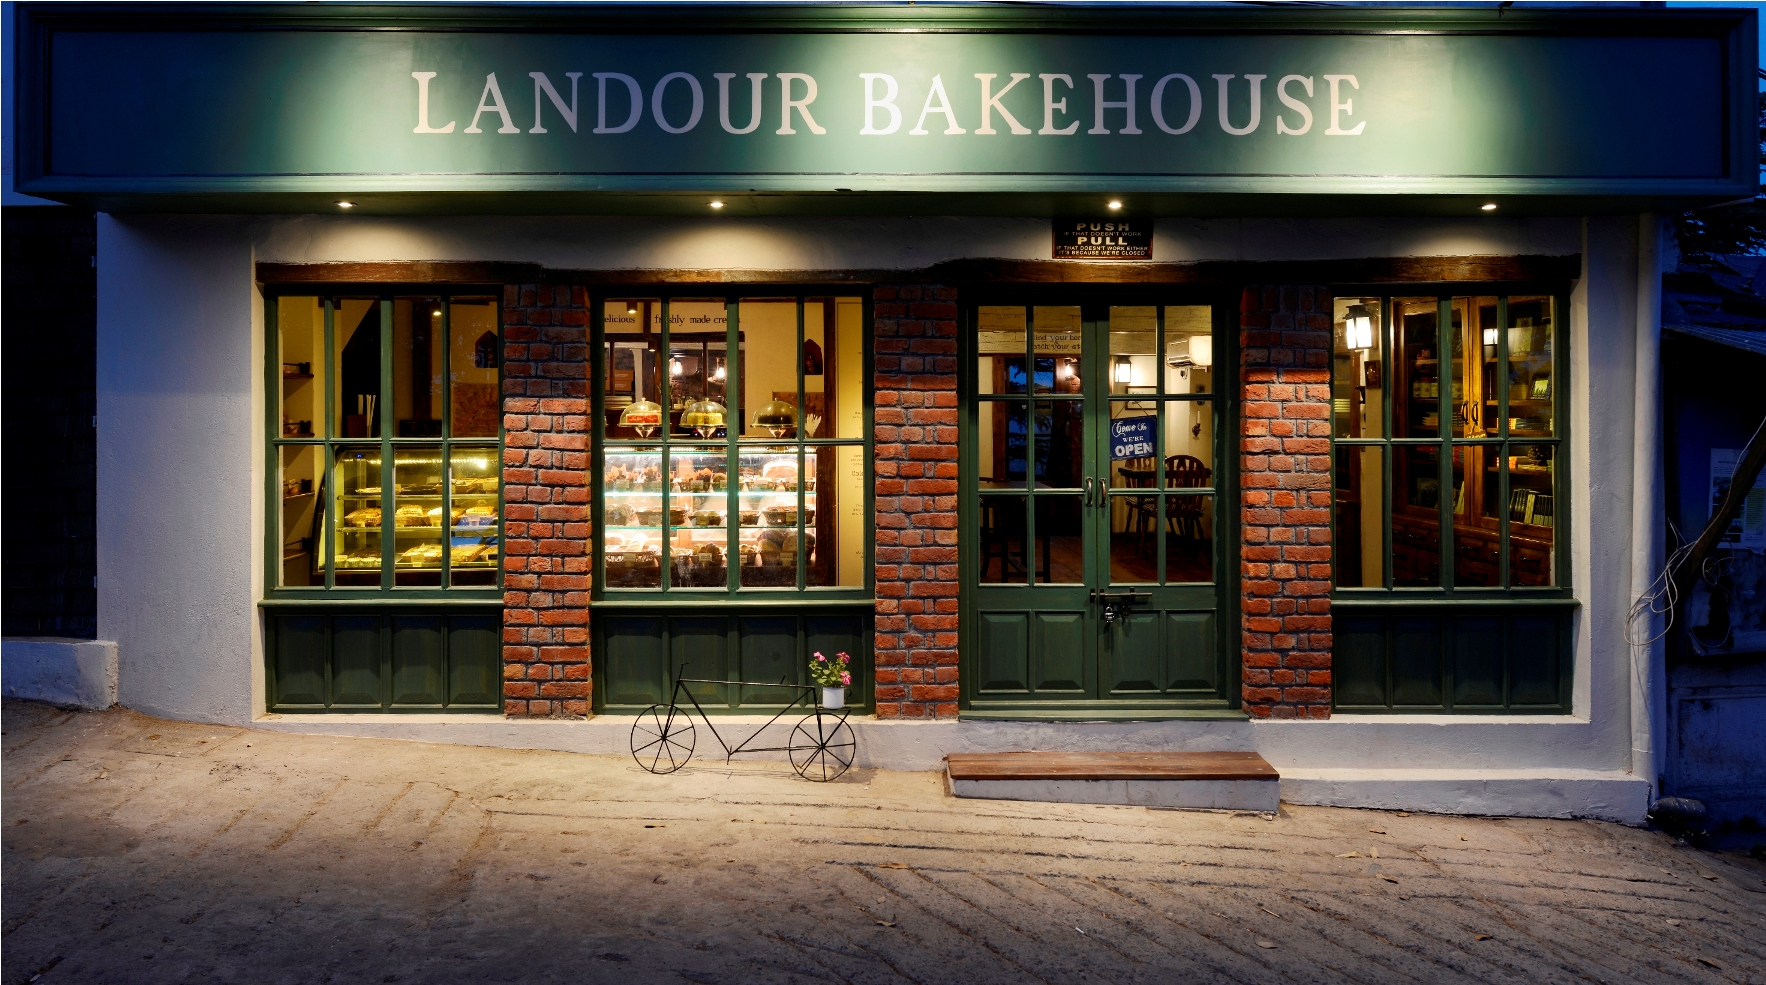 Low - The Landour Bakehouse